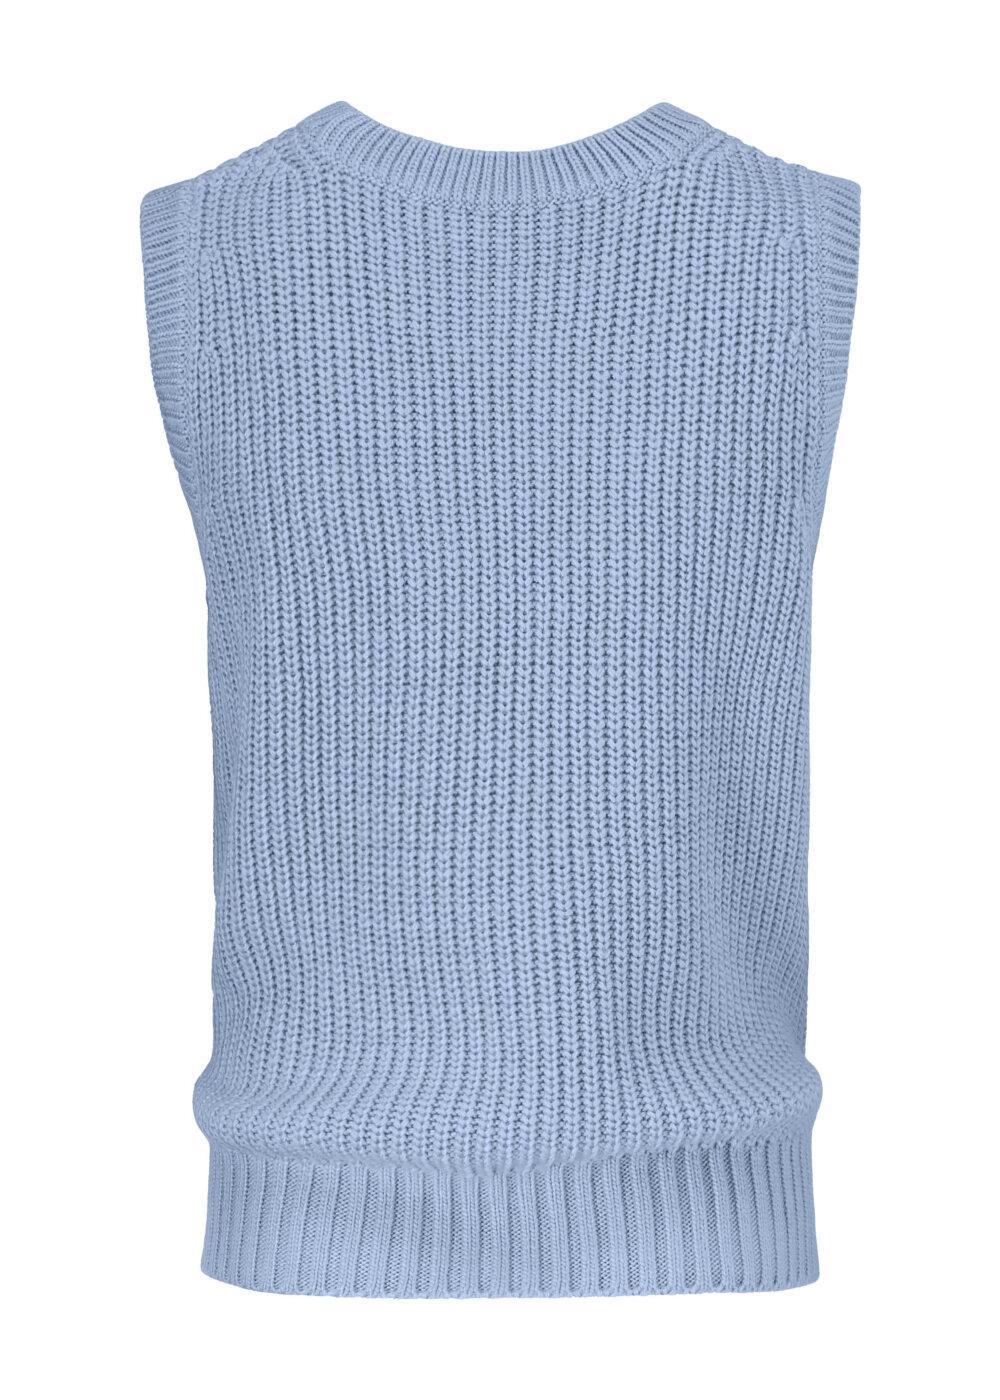 Modström Timme vest, blue wash, large